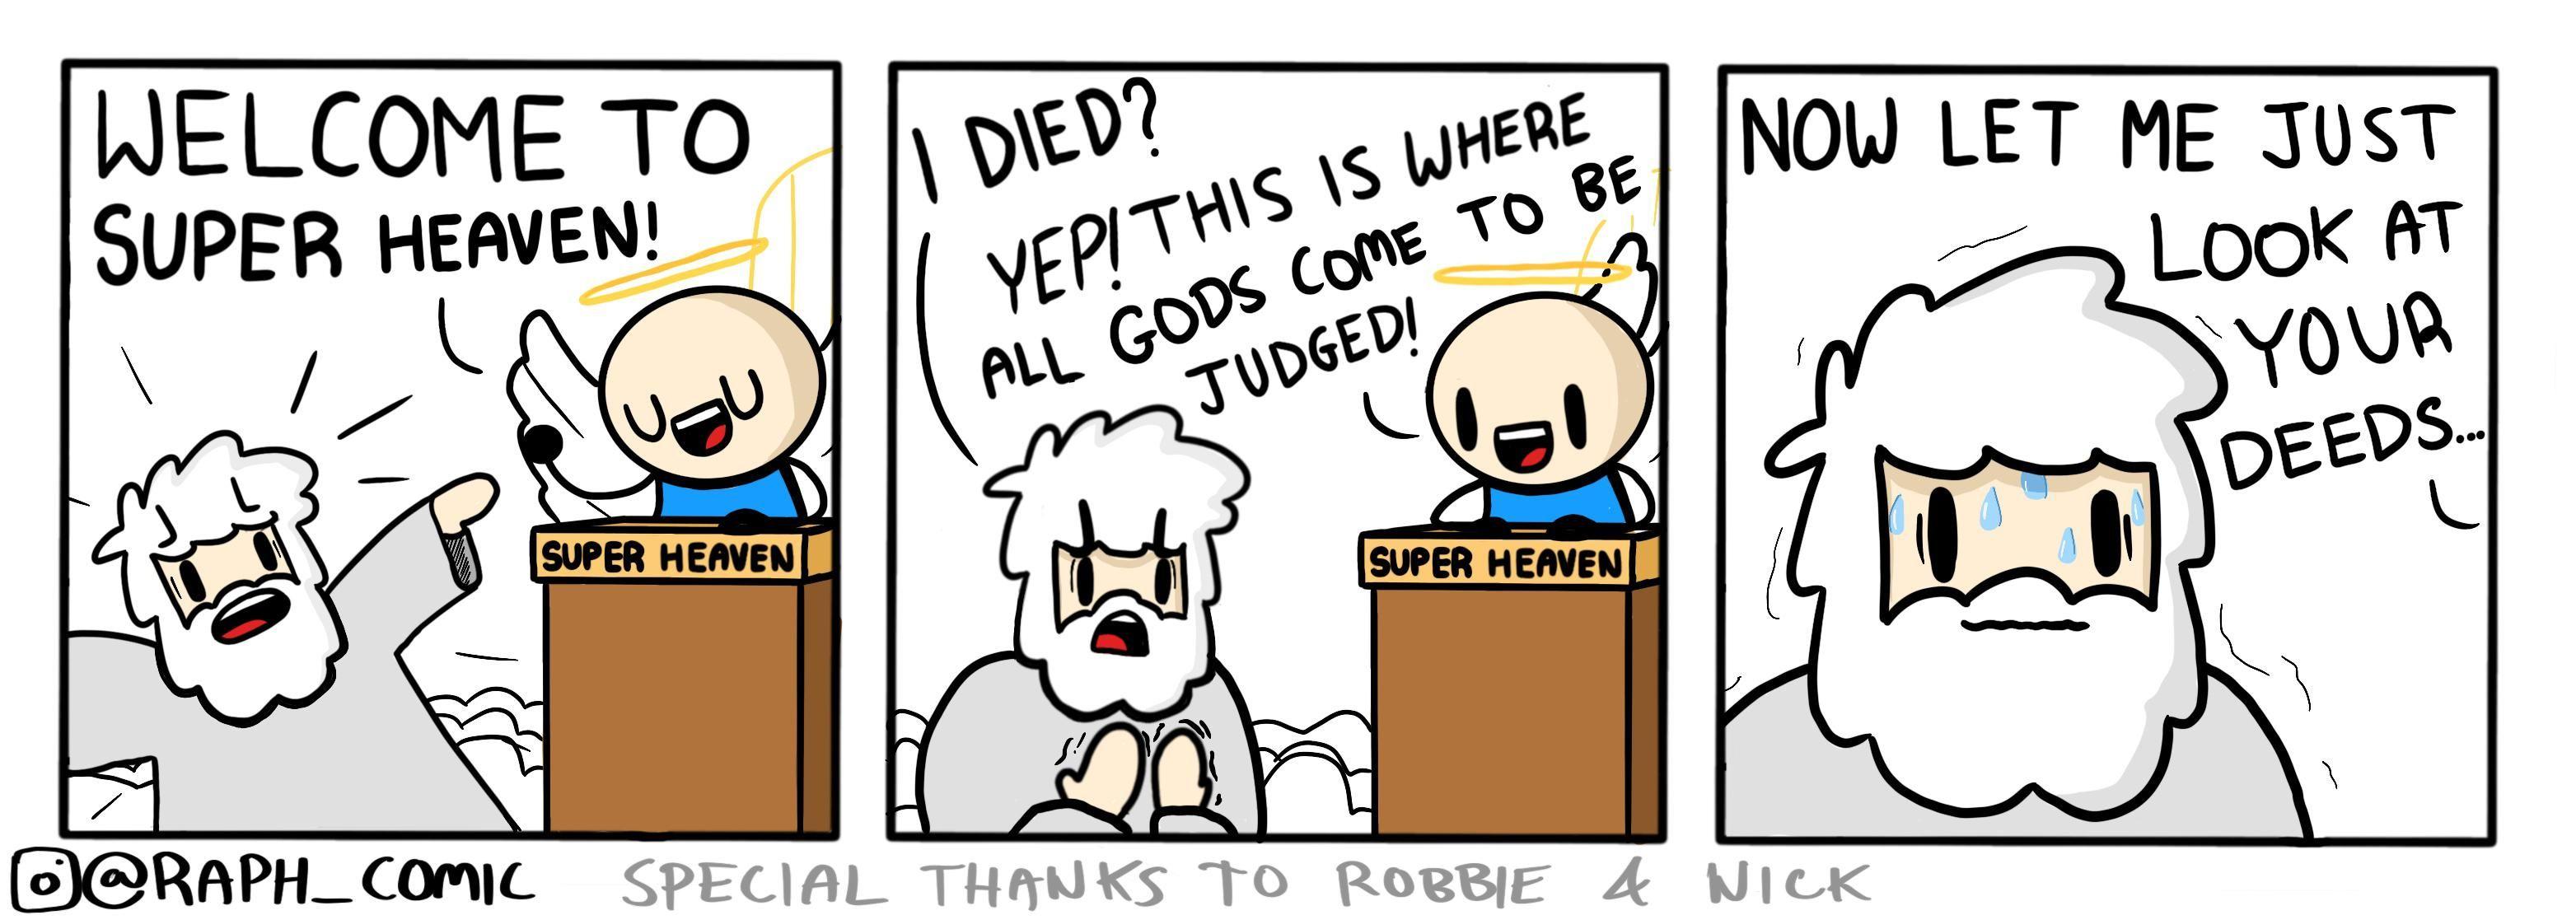 Super Heaven